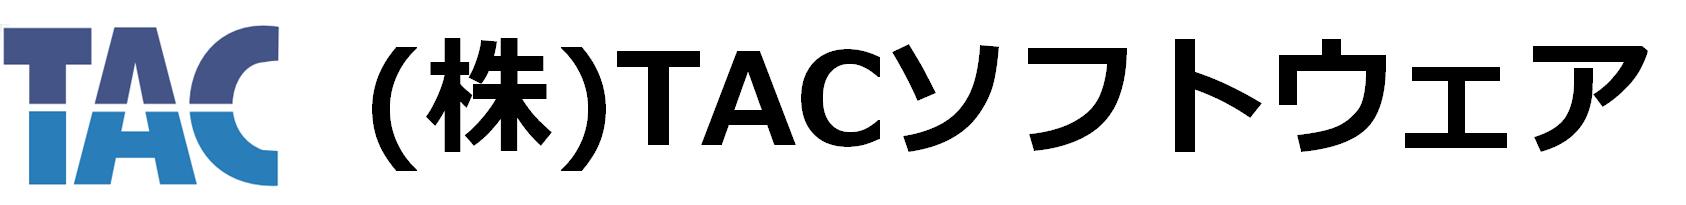 TACソフトウェア